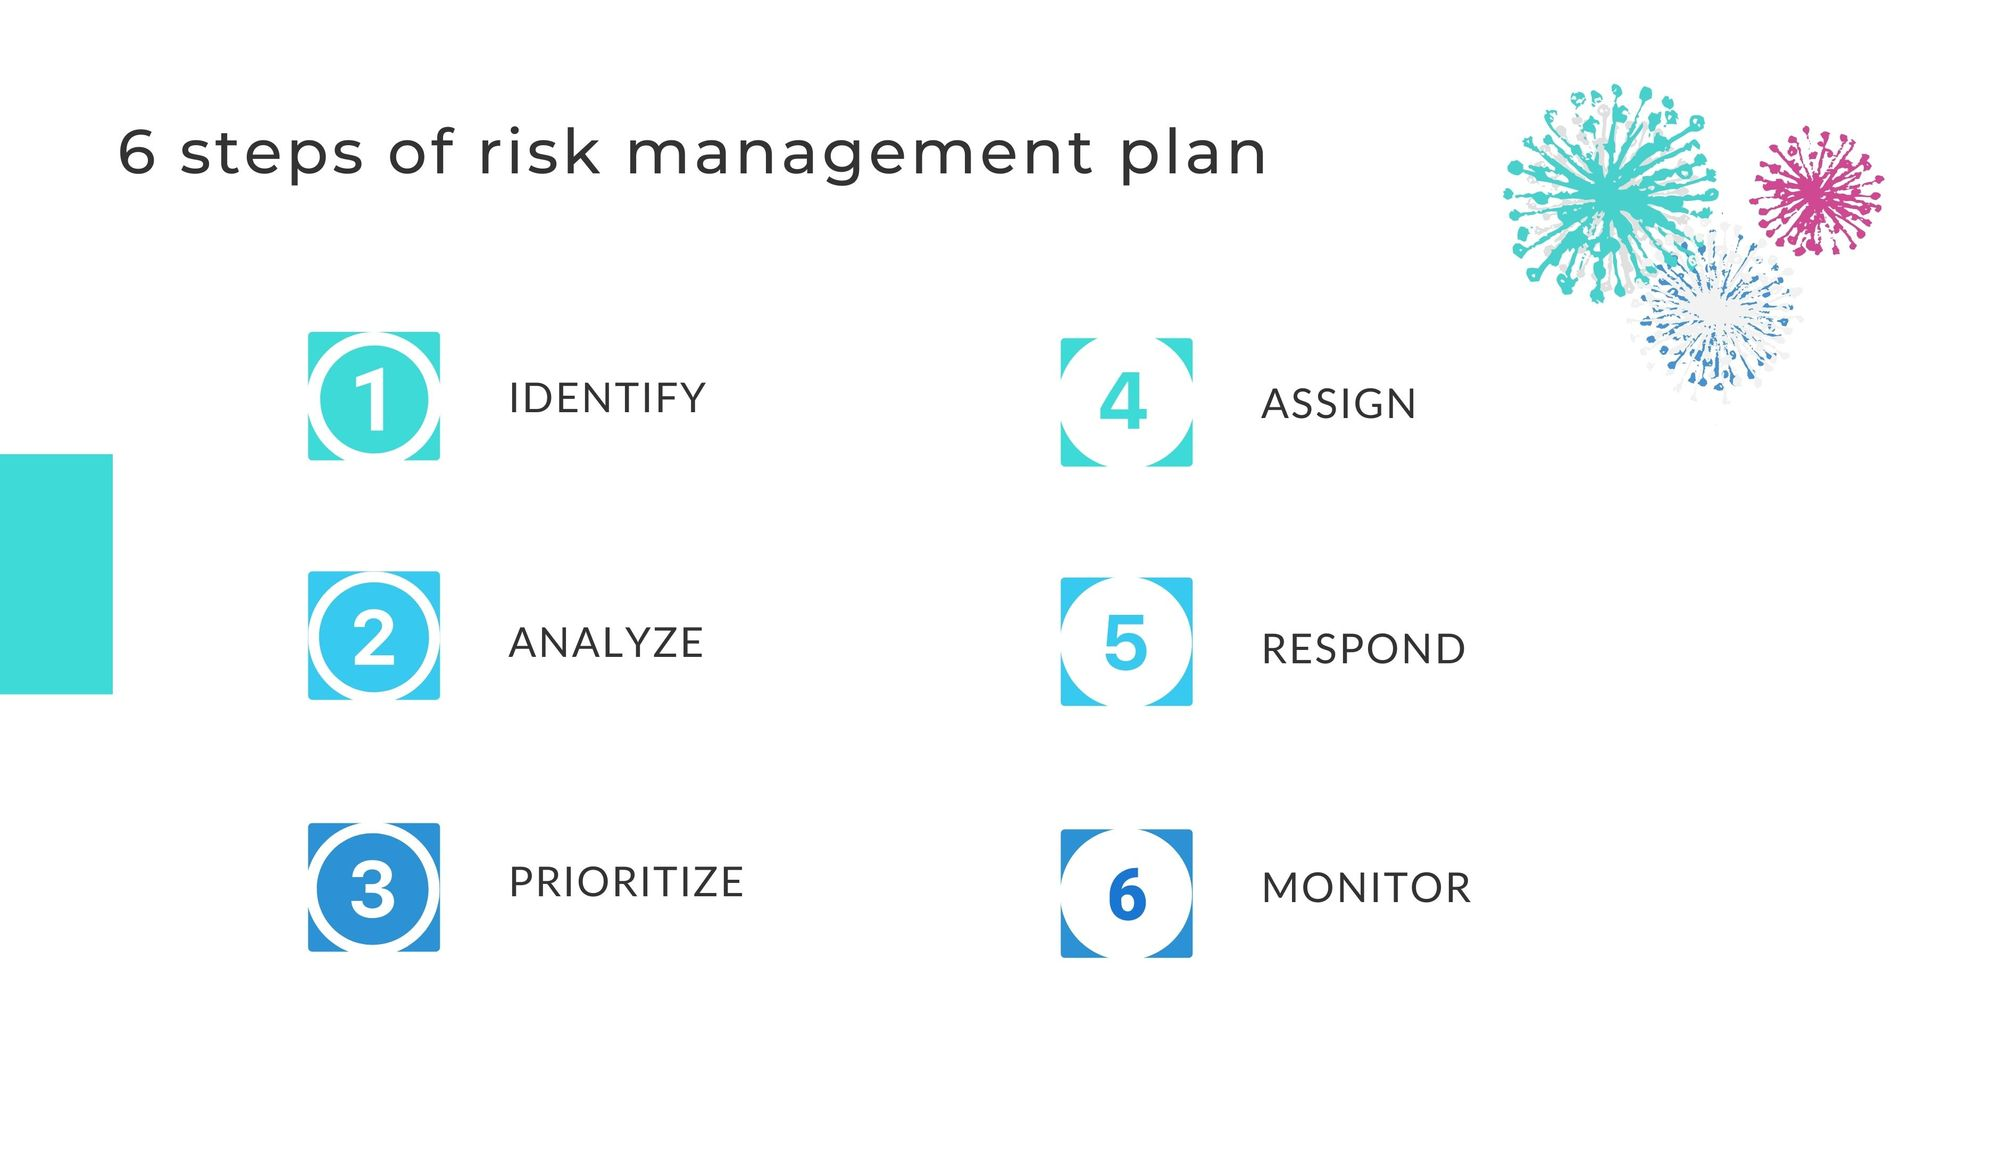 Risk management in 6 steps